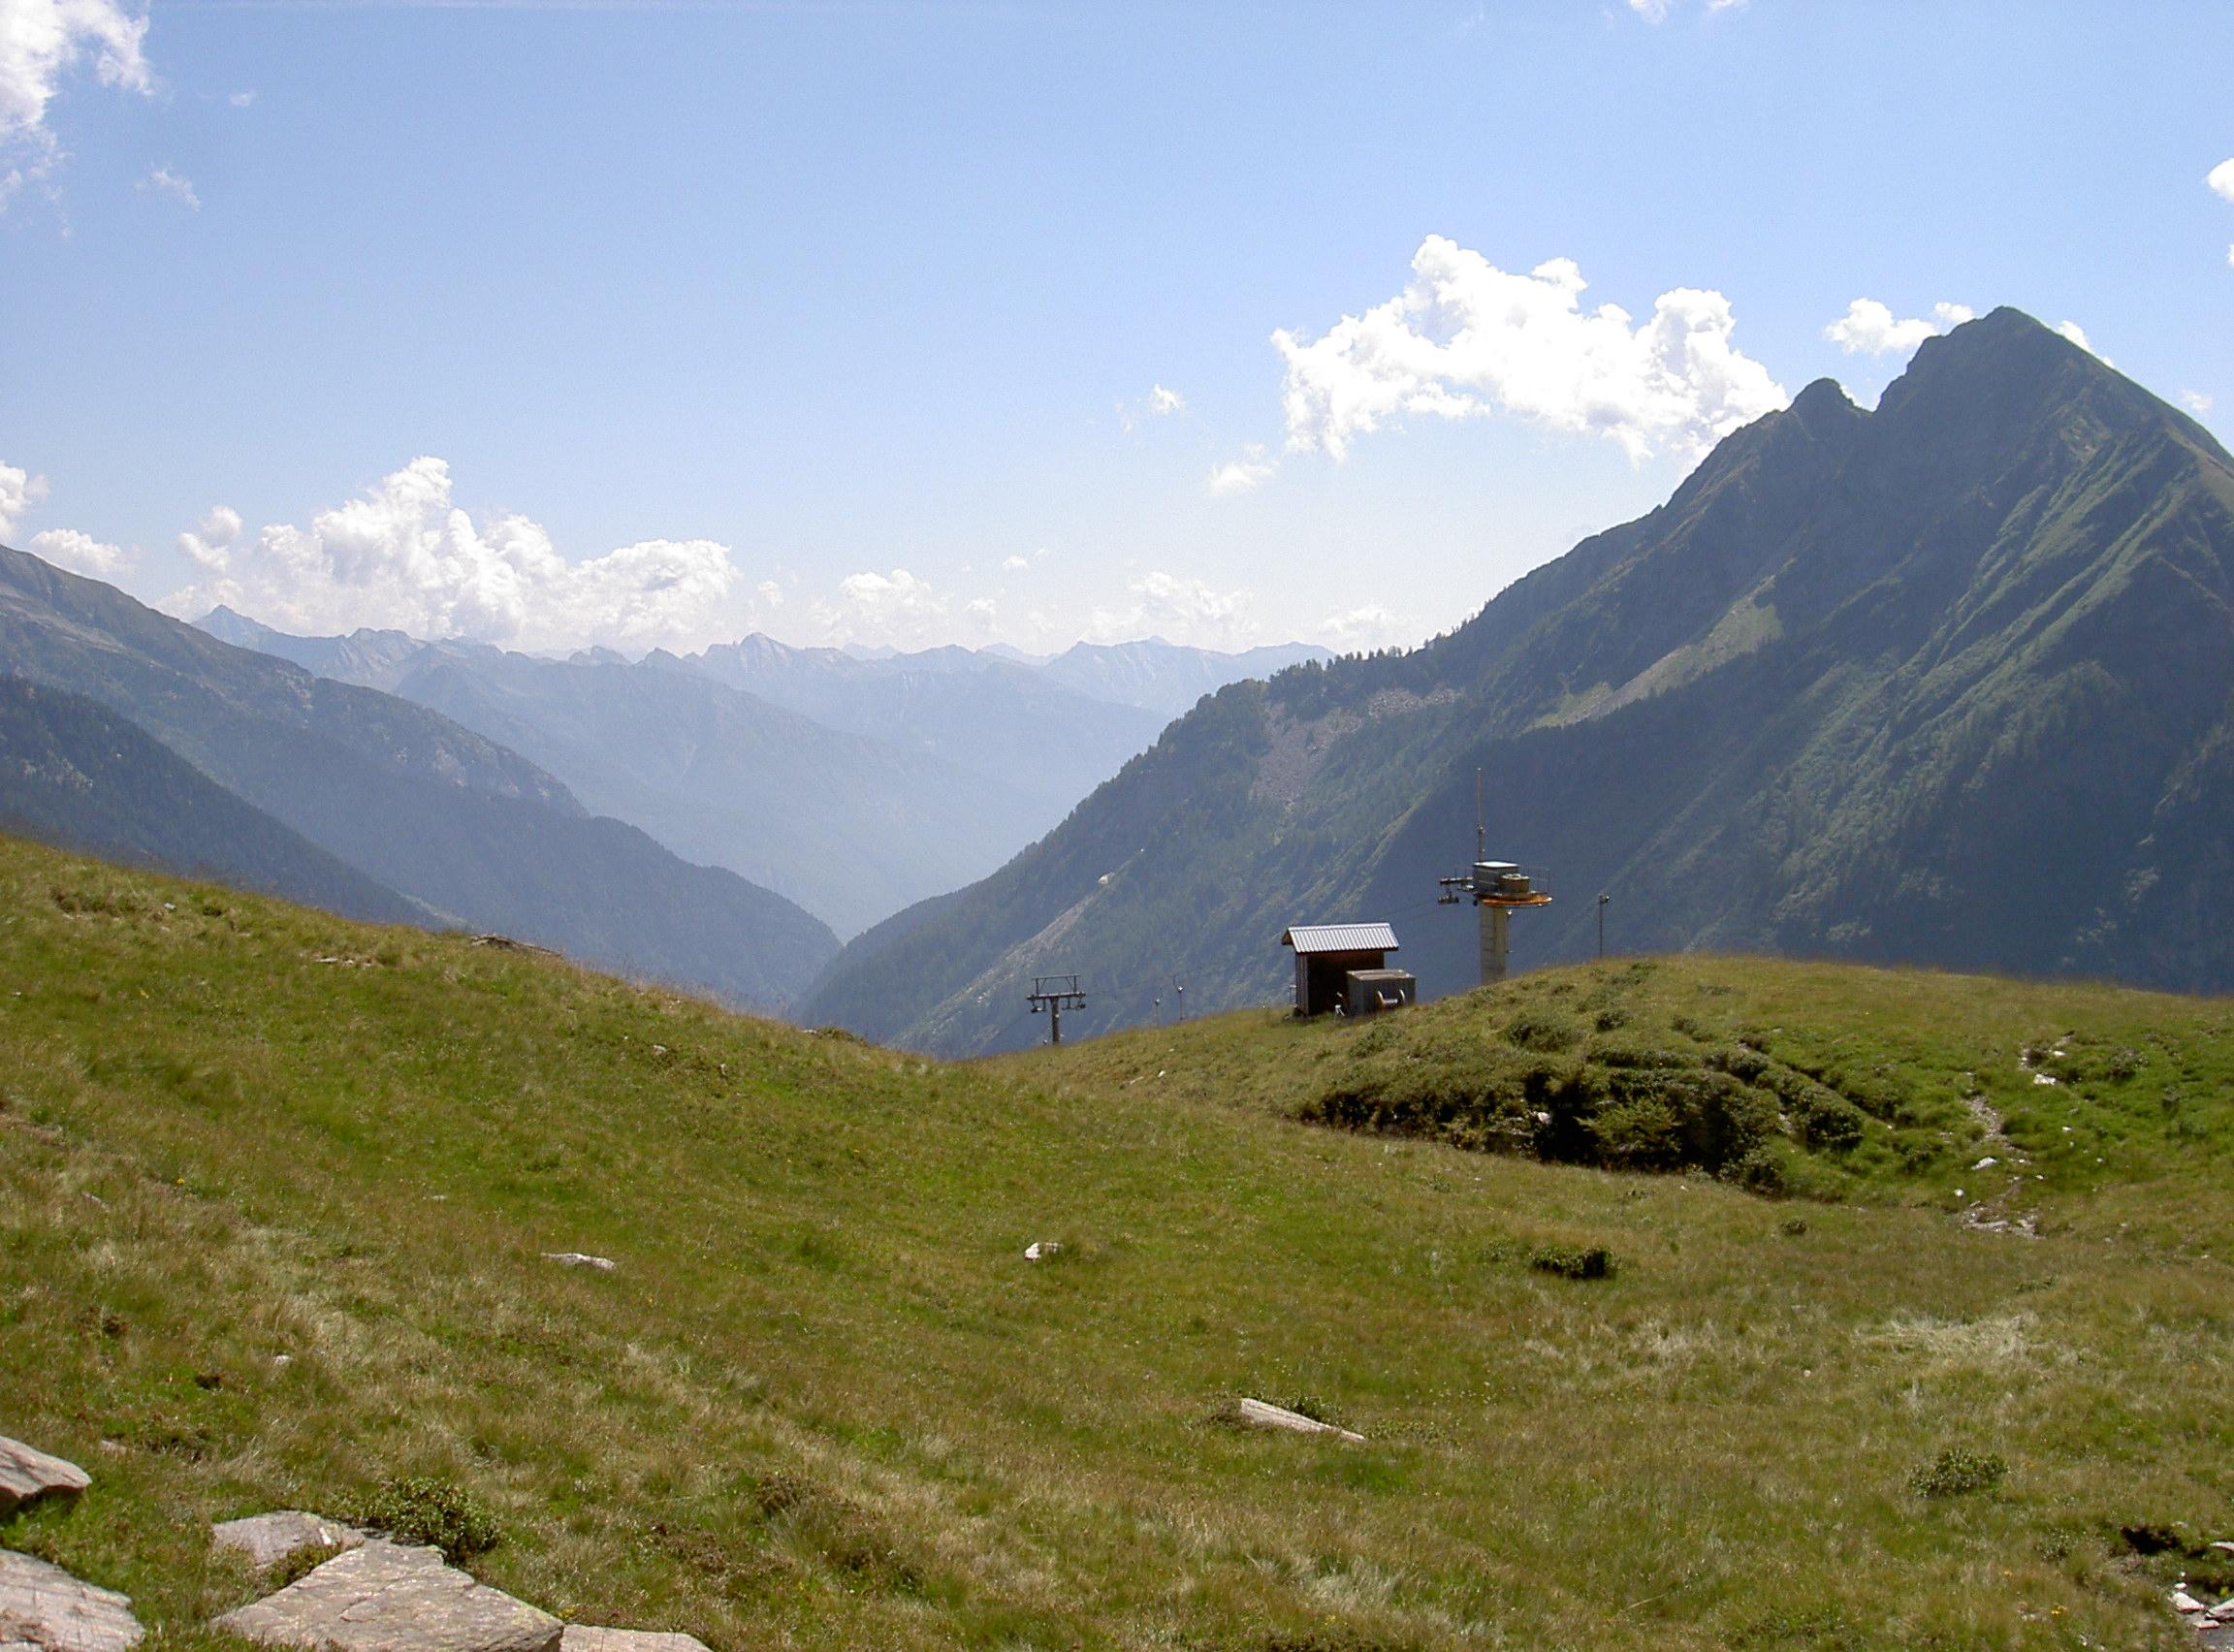 Rossboda Alp - Bosco Gurin - Valle Maggia - Ticino - Svizzera - Natur puur?